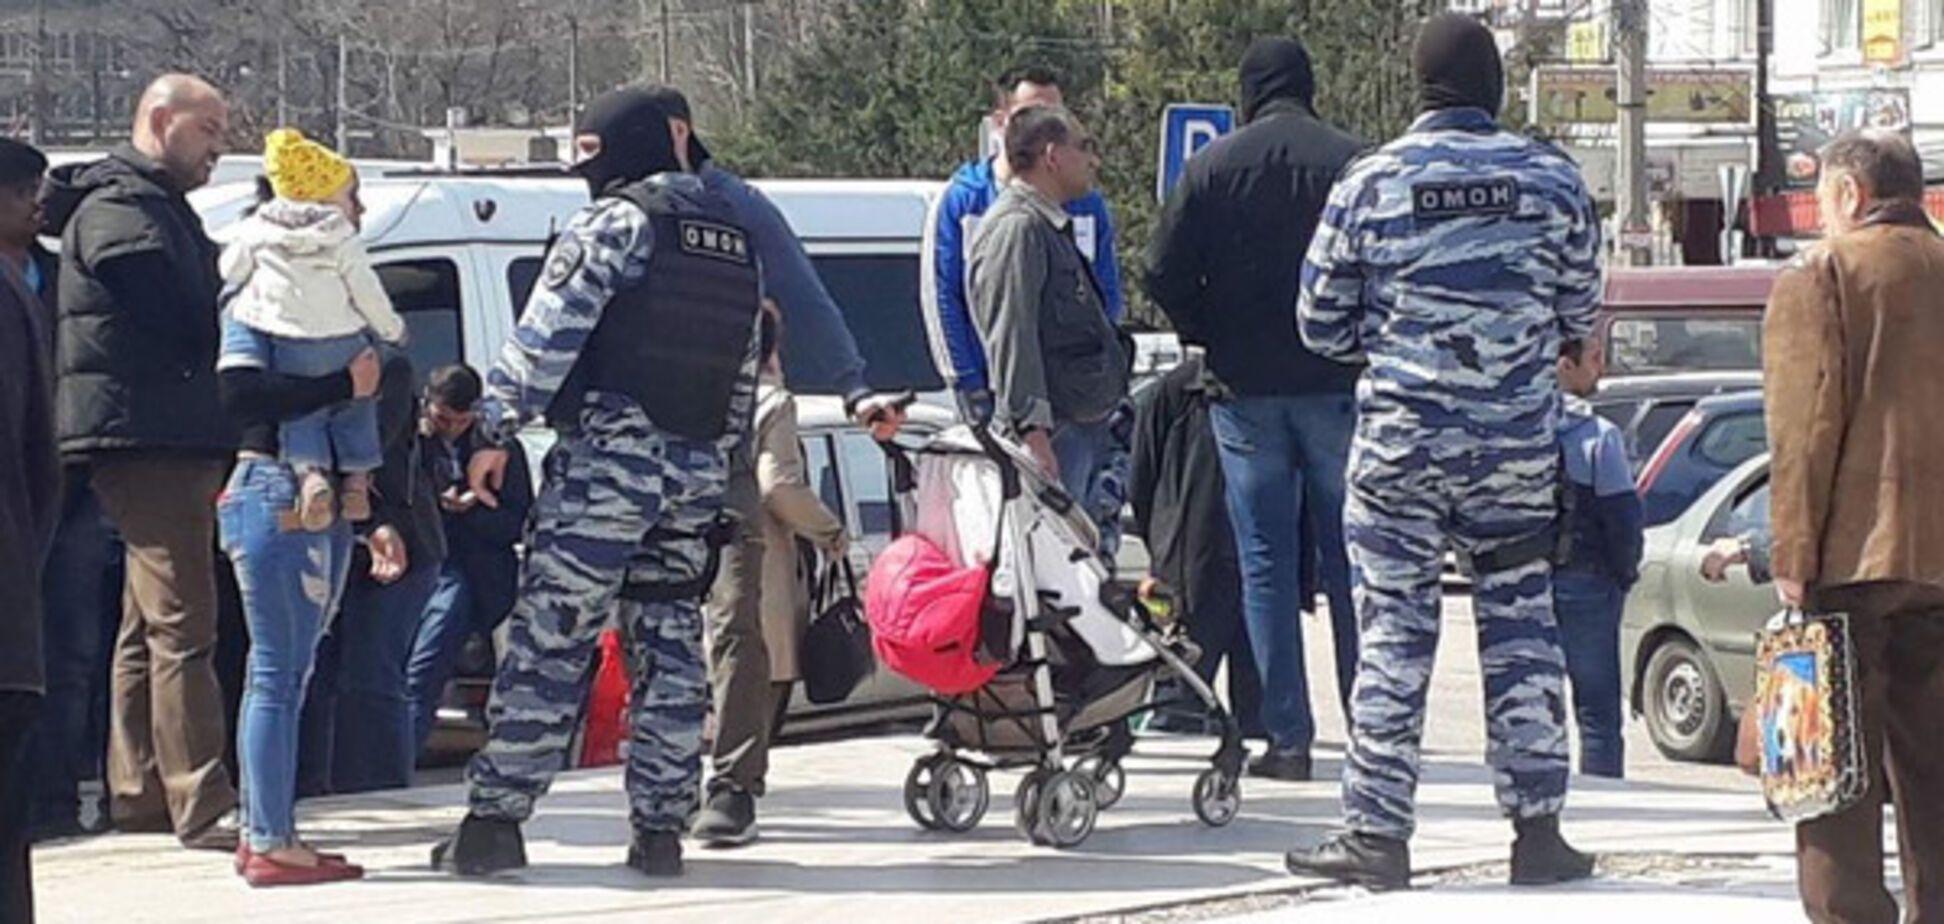 Оккупанты устроили облаву на рынке в Симферополе: 60 человек задержаны